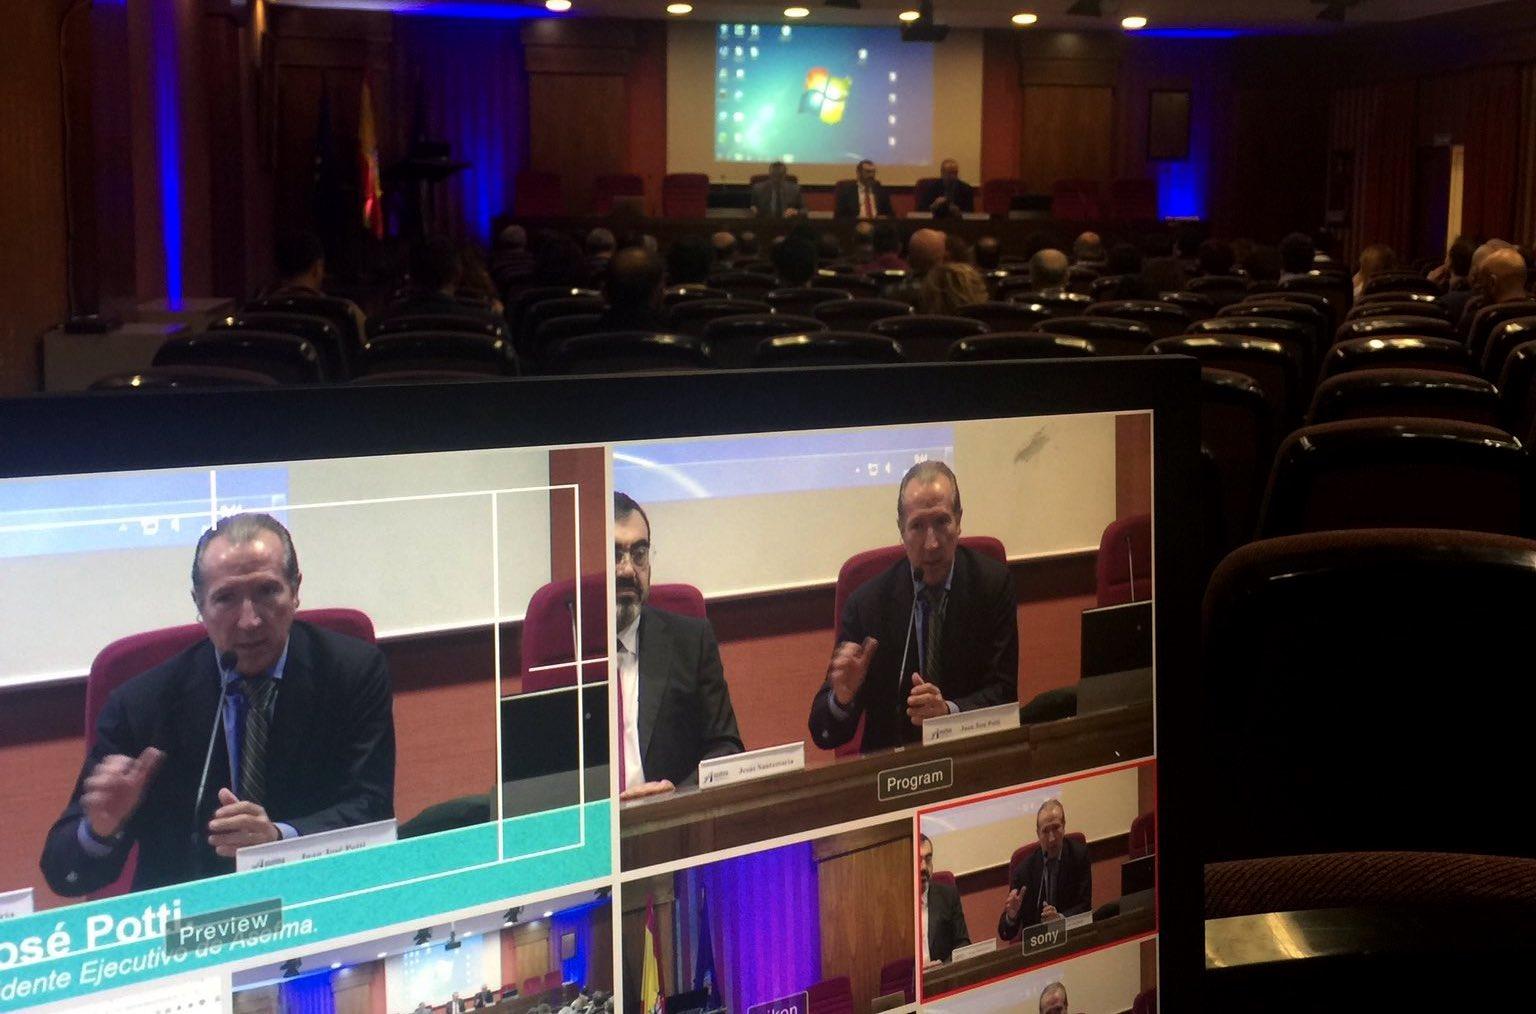 Retransmisión de la VII Jornada de ensayos de ASEFMA | Créditos: Jorge Chamizo, responsable técnico de ITAFEC, en Twitter.